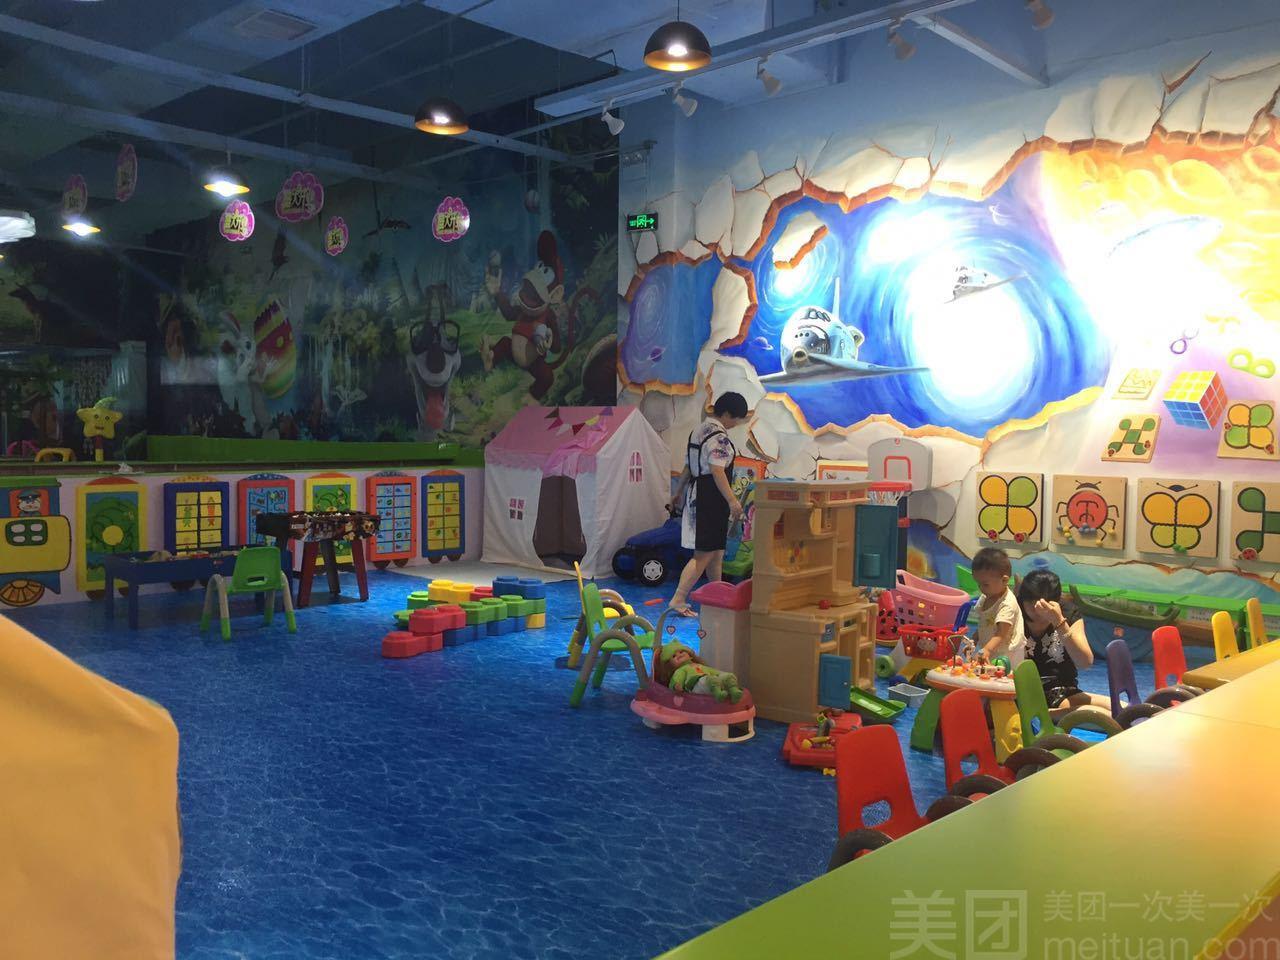 :长沙今日团购:【湘江世纪城】大王巡山儿童乐园仅售38元,价值58元玩具体验中心!